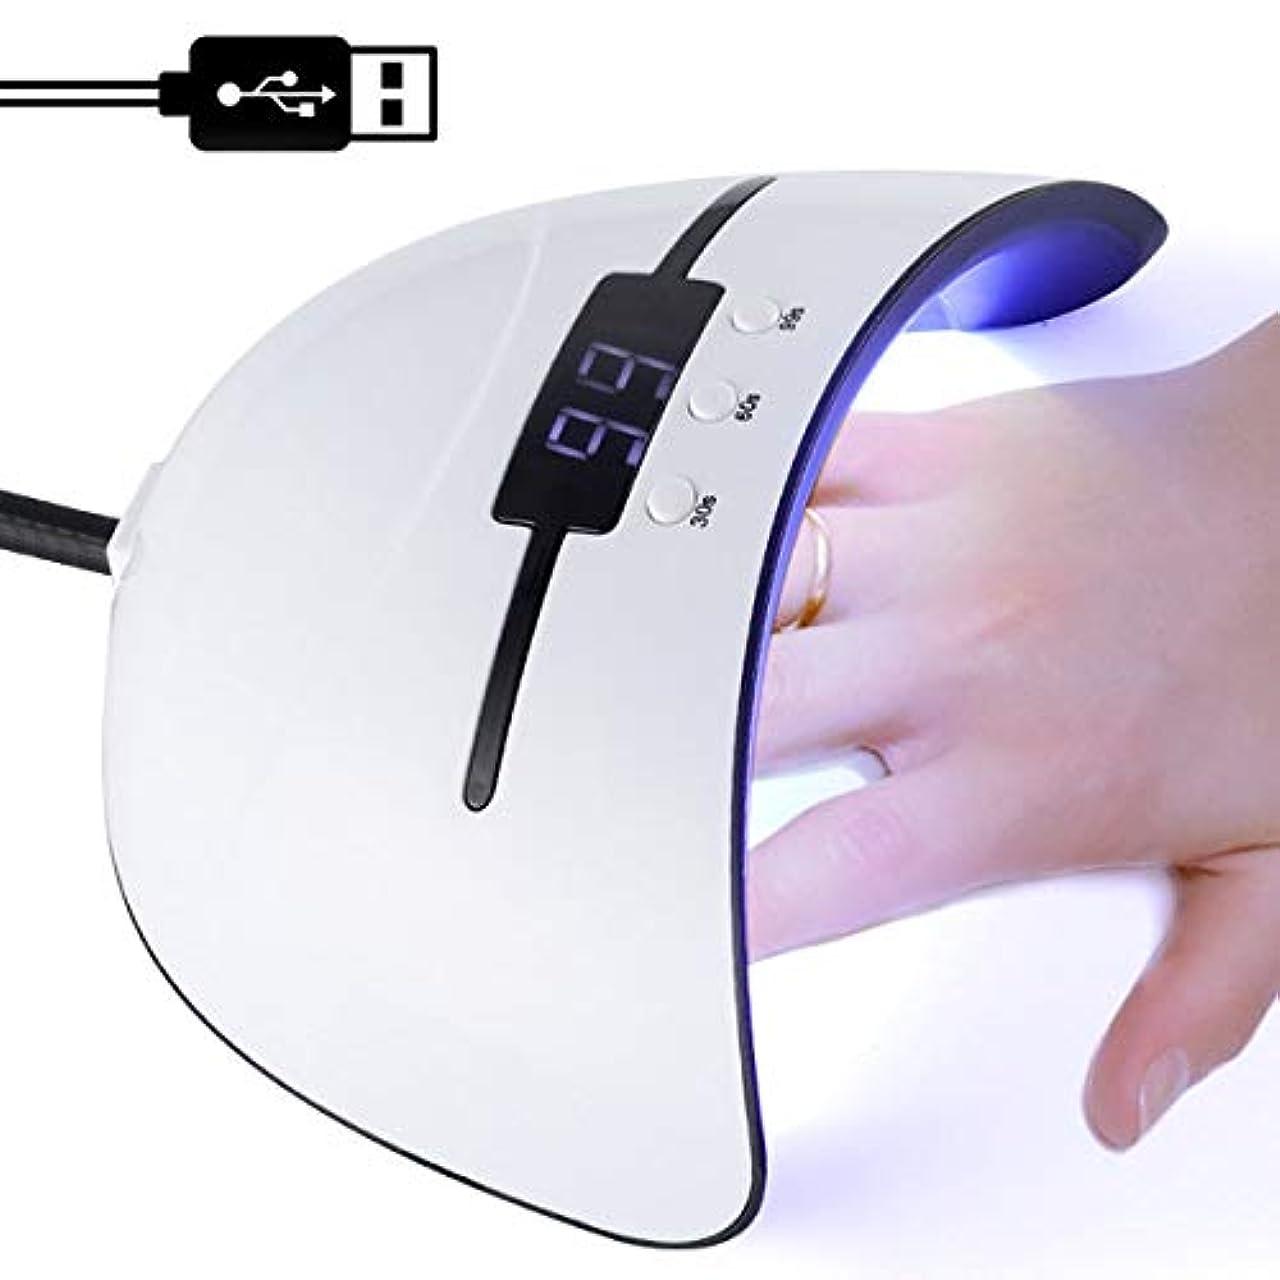 解凍する、雪解け、霜解けサーバント人口LEDネイルドライヤー UVライト LED 硬化ライト タイマー設定可能 折りたたみ式手足とも使える UV と LEDダブルライト ジェルネイル と uvライト レジン用 (36W 12ライト-ホワイト)